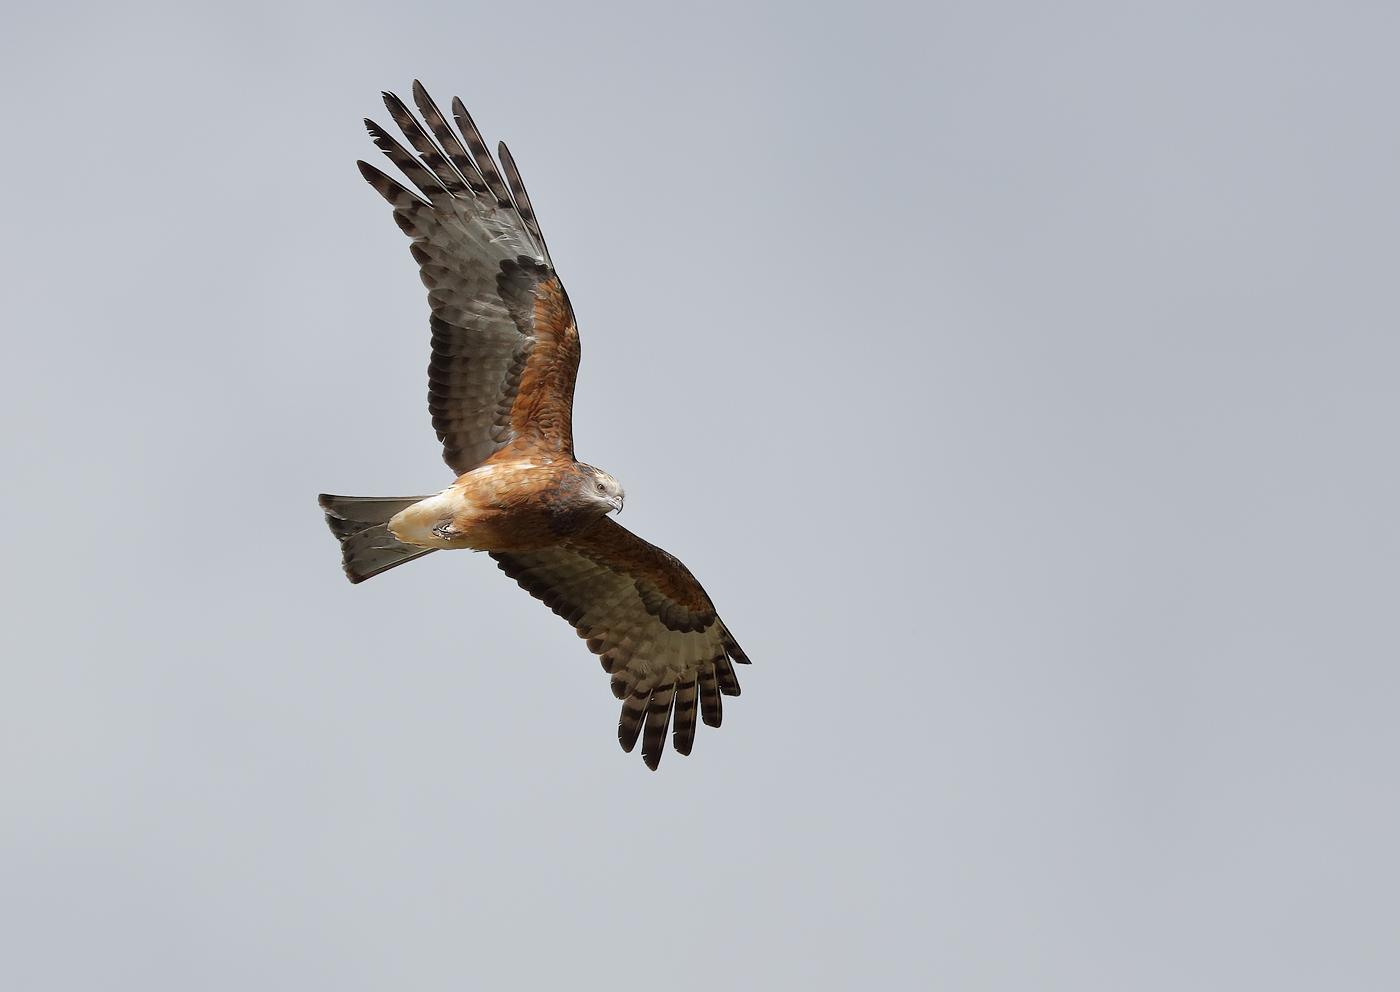 Square-tailed Kite